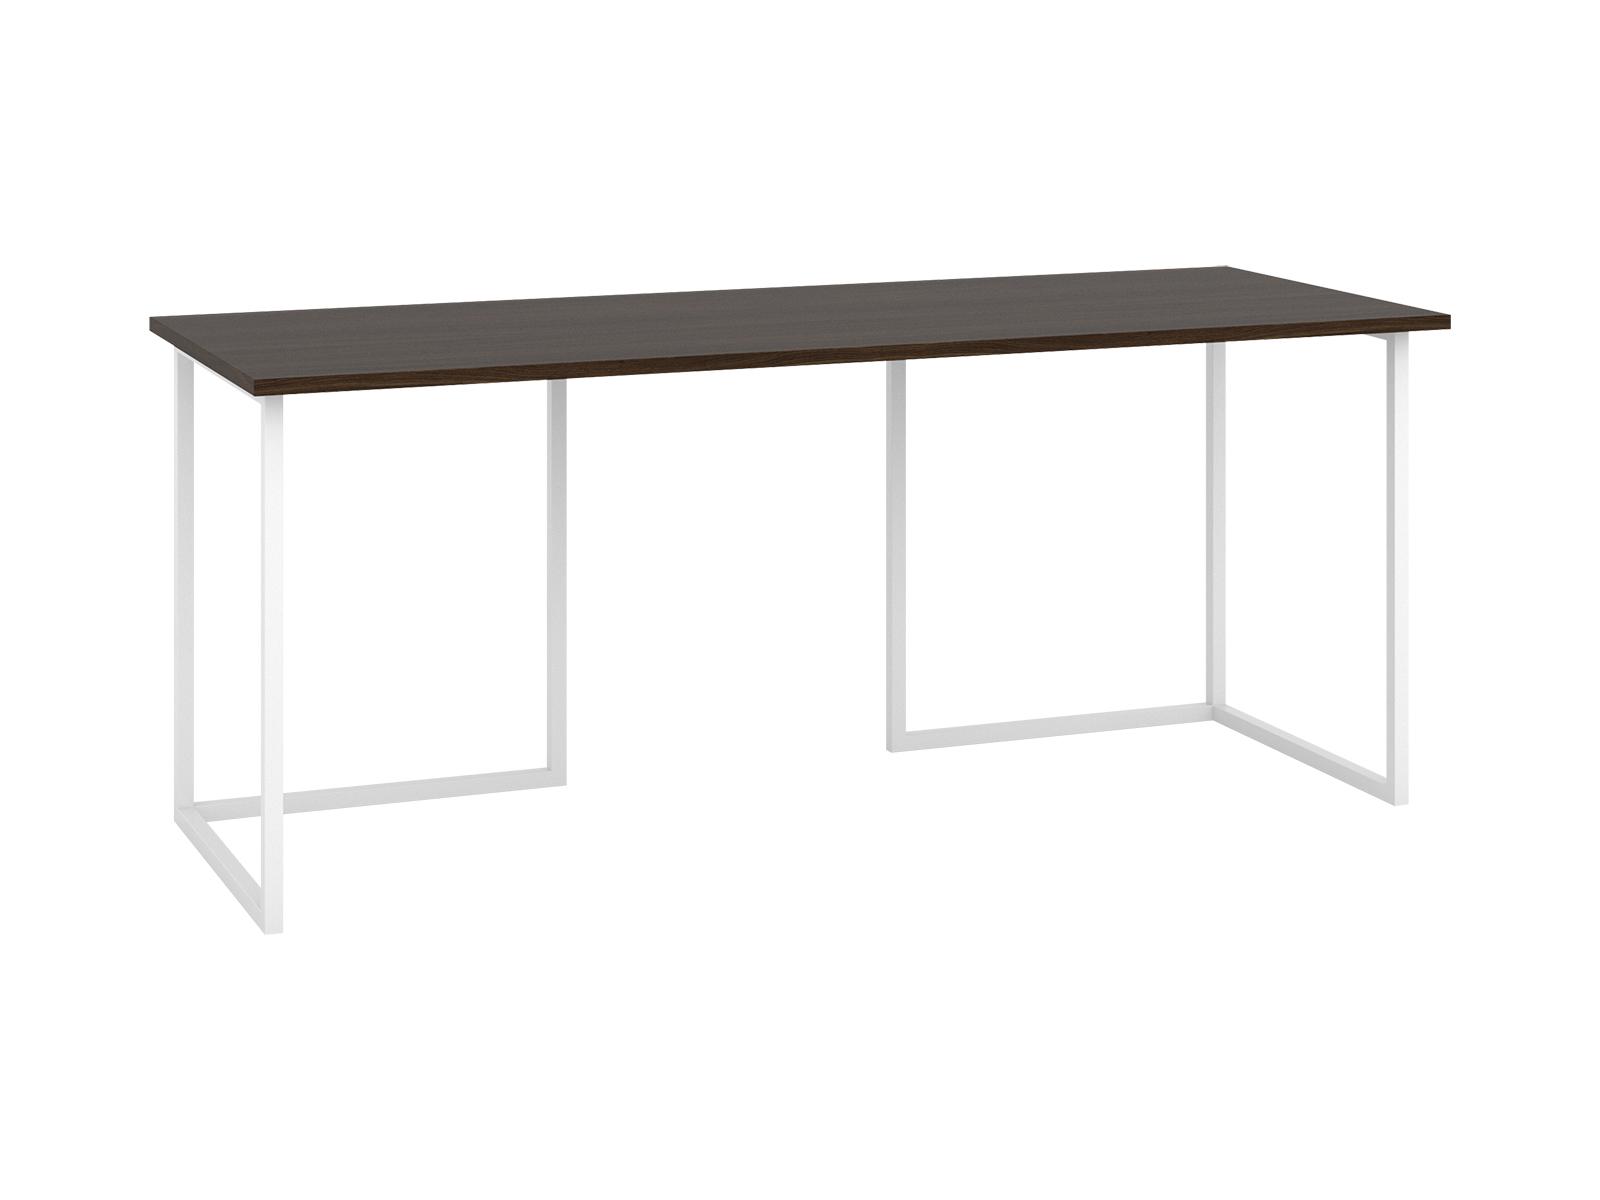 Стол BoardПисьменные столы<br>Большой выбор столешниц и цветов оснований позволяет создавать комбинации, точно отвечающие вашим потребностям.Материалы:Основание: металл окрашенный.Полки: ЛДСП 22мм.<br><br>kit: None<br>gender: None